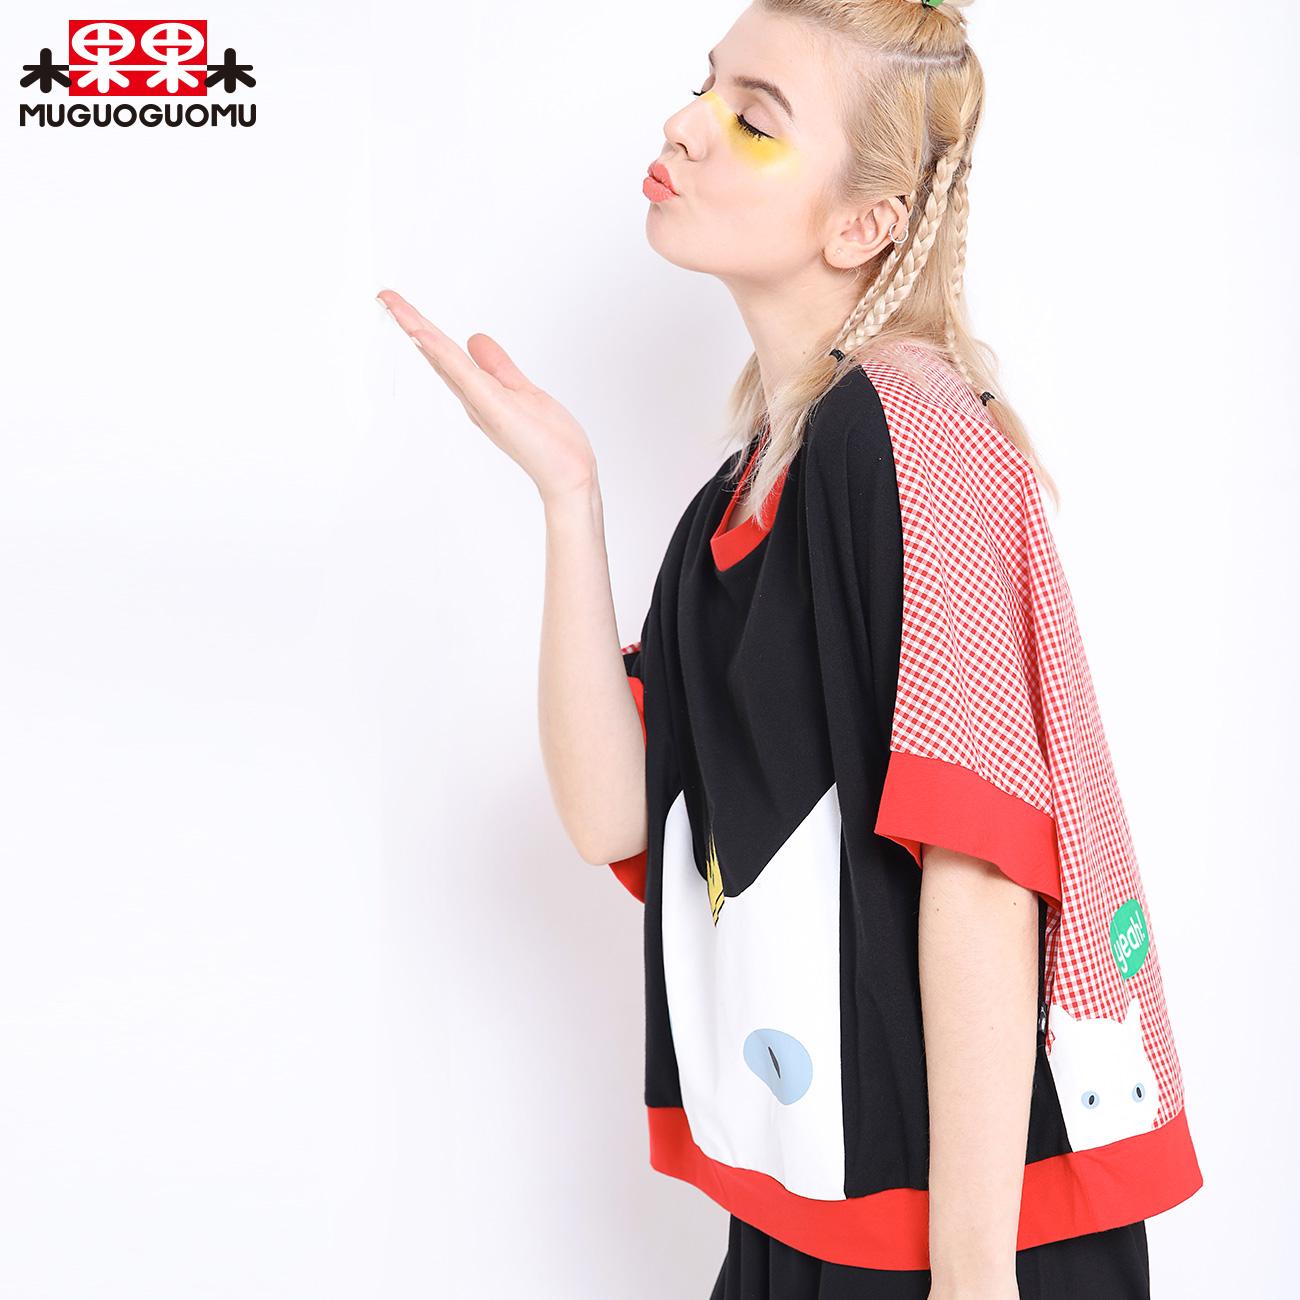 木果果木2018夏装新品原创韩版宽松甜美小清新萌趣休闲短袖T恤